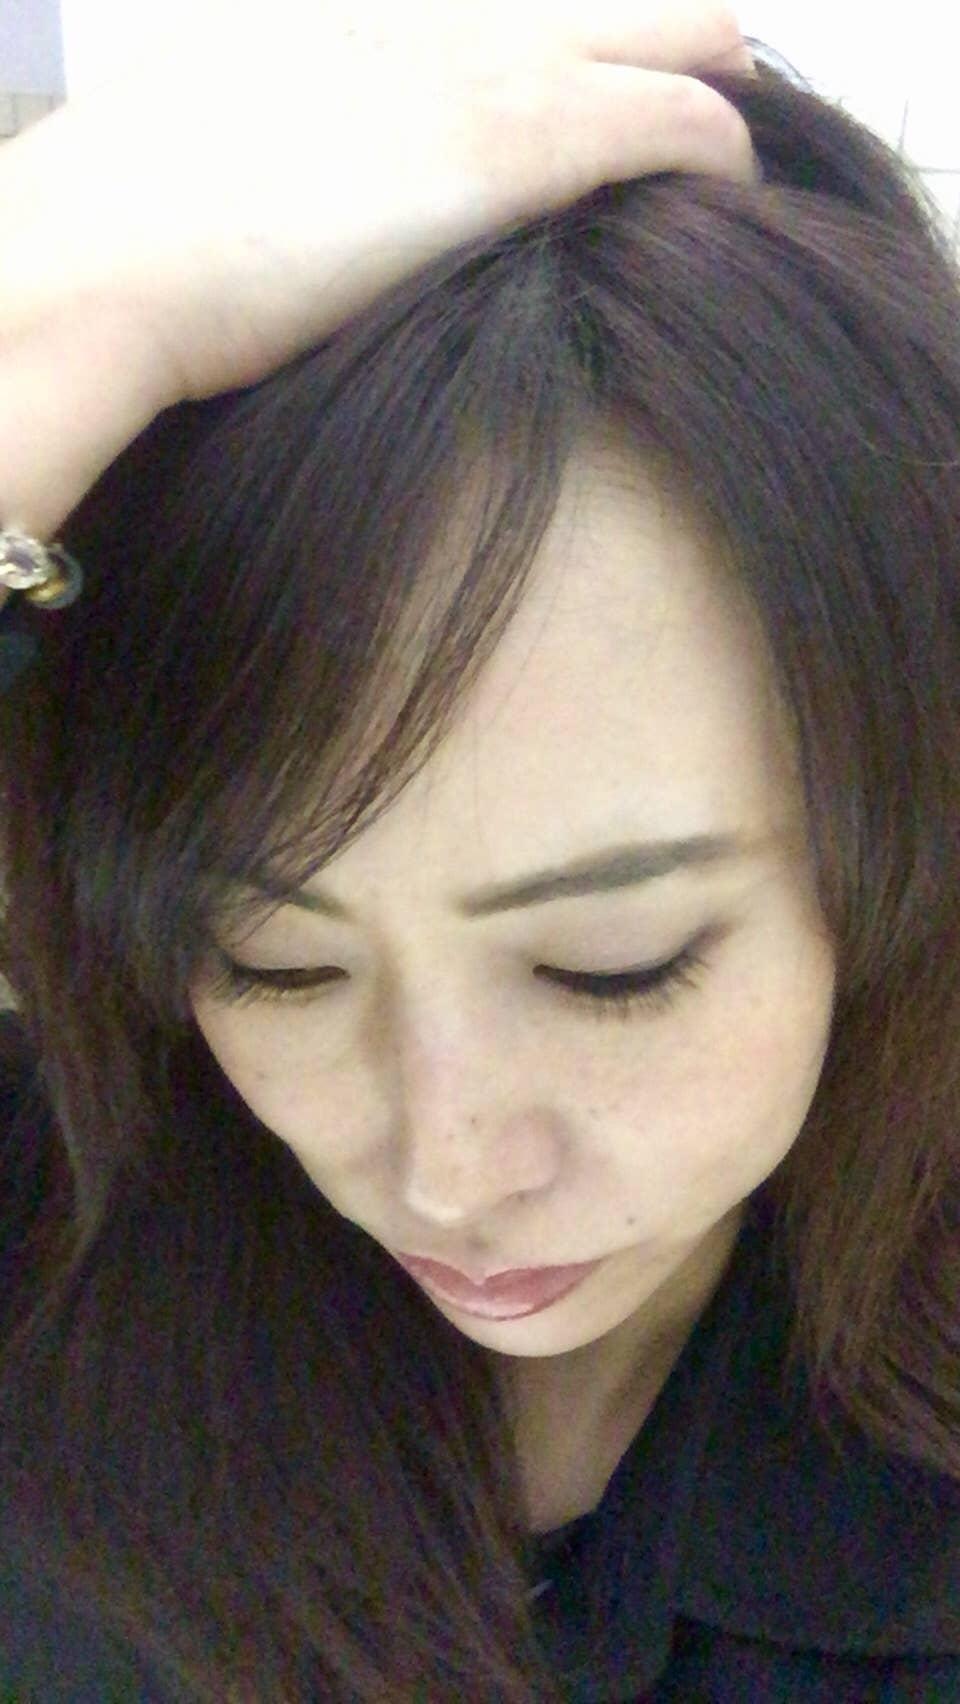 Natsuko Akai